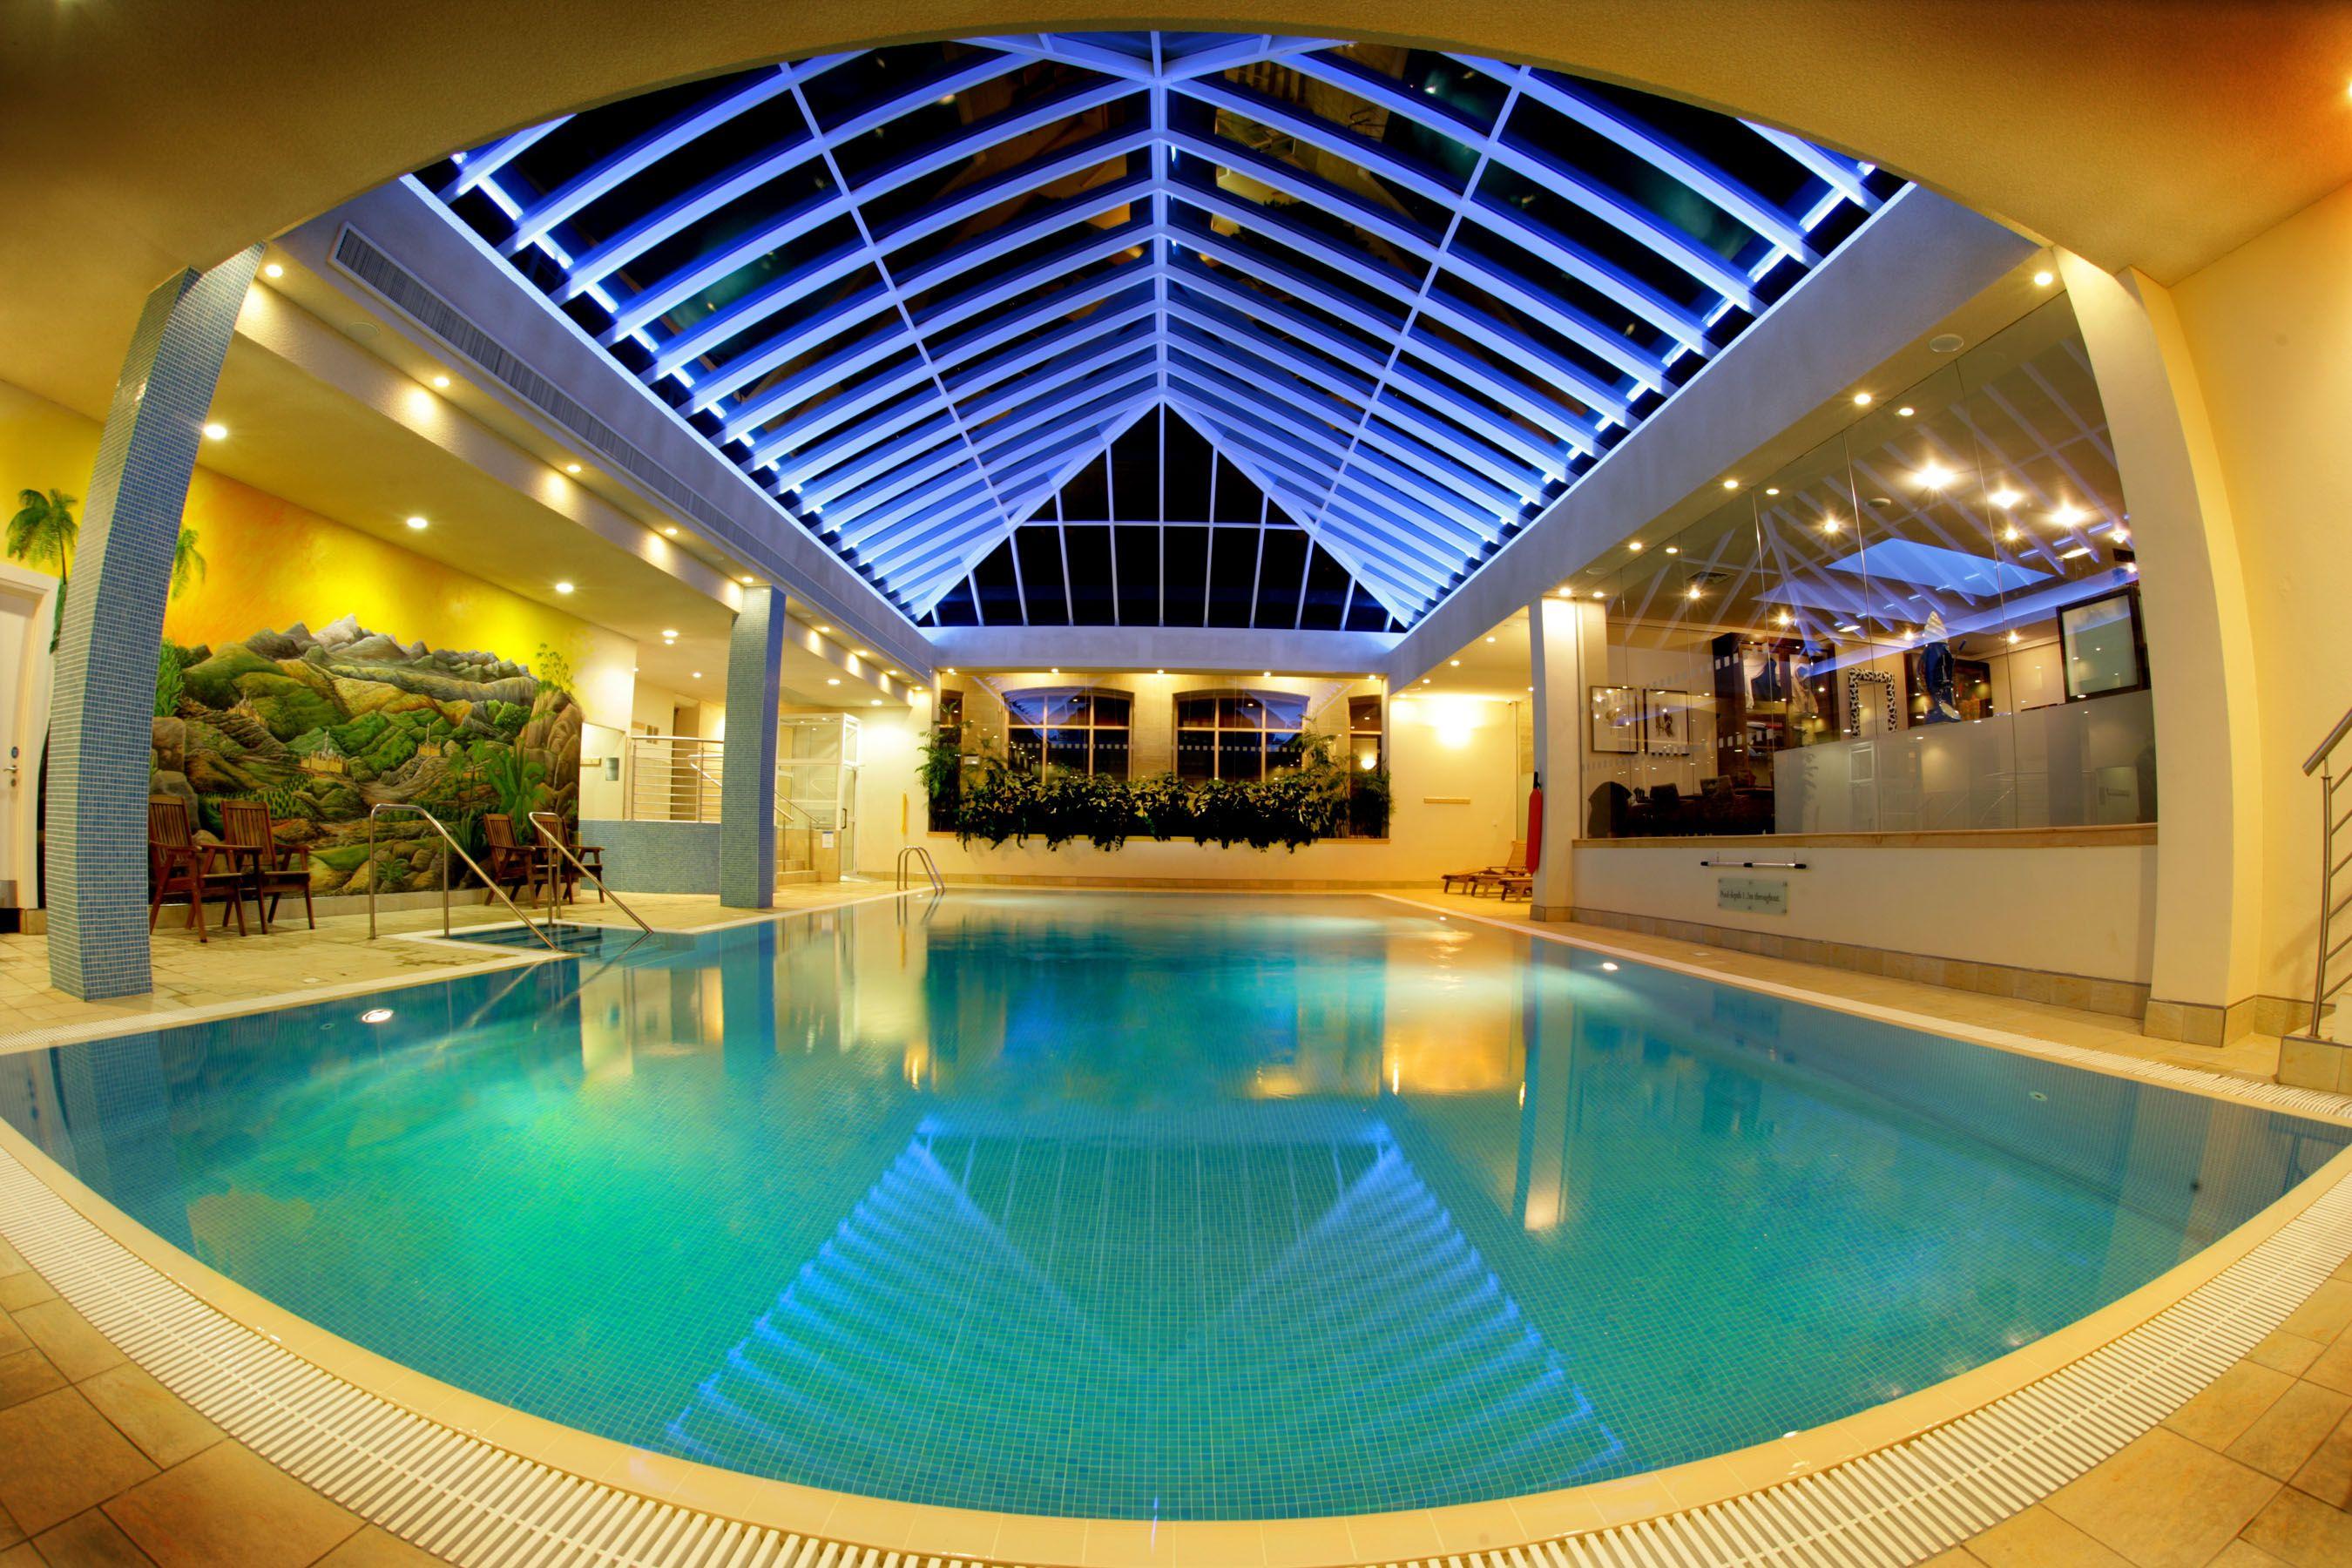 Best indoor pool hd